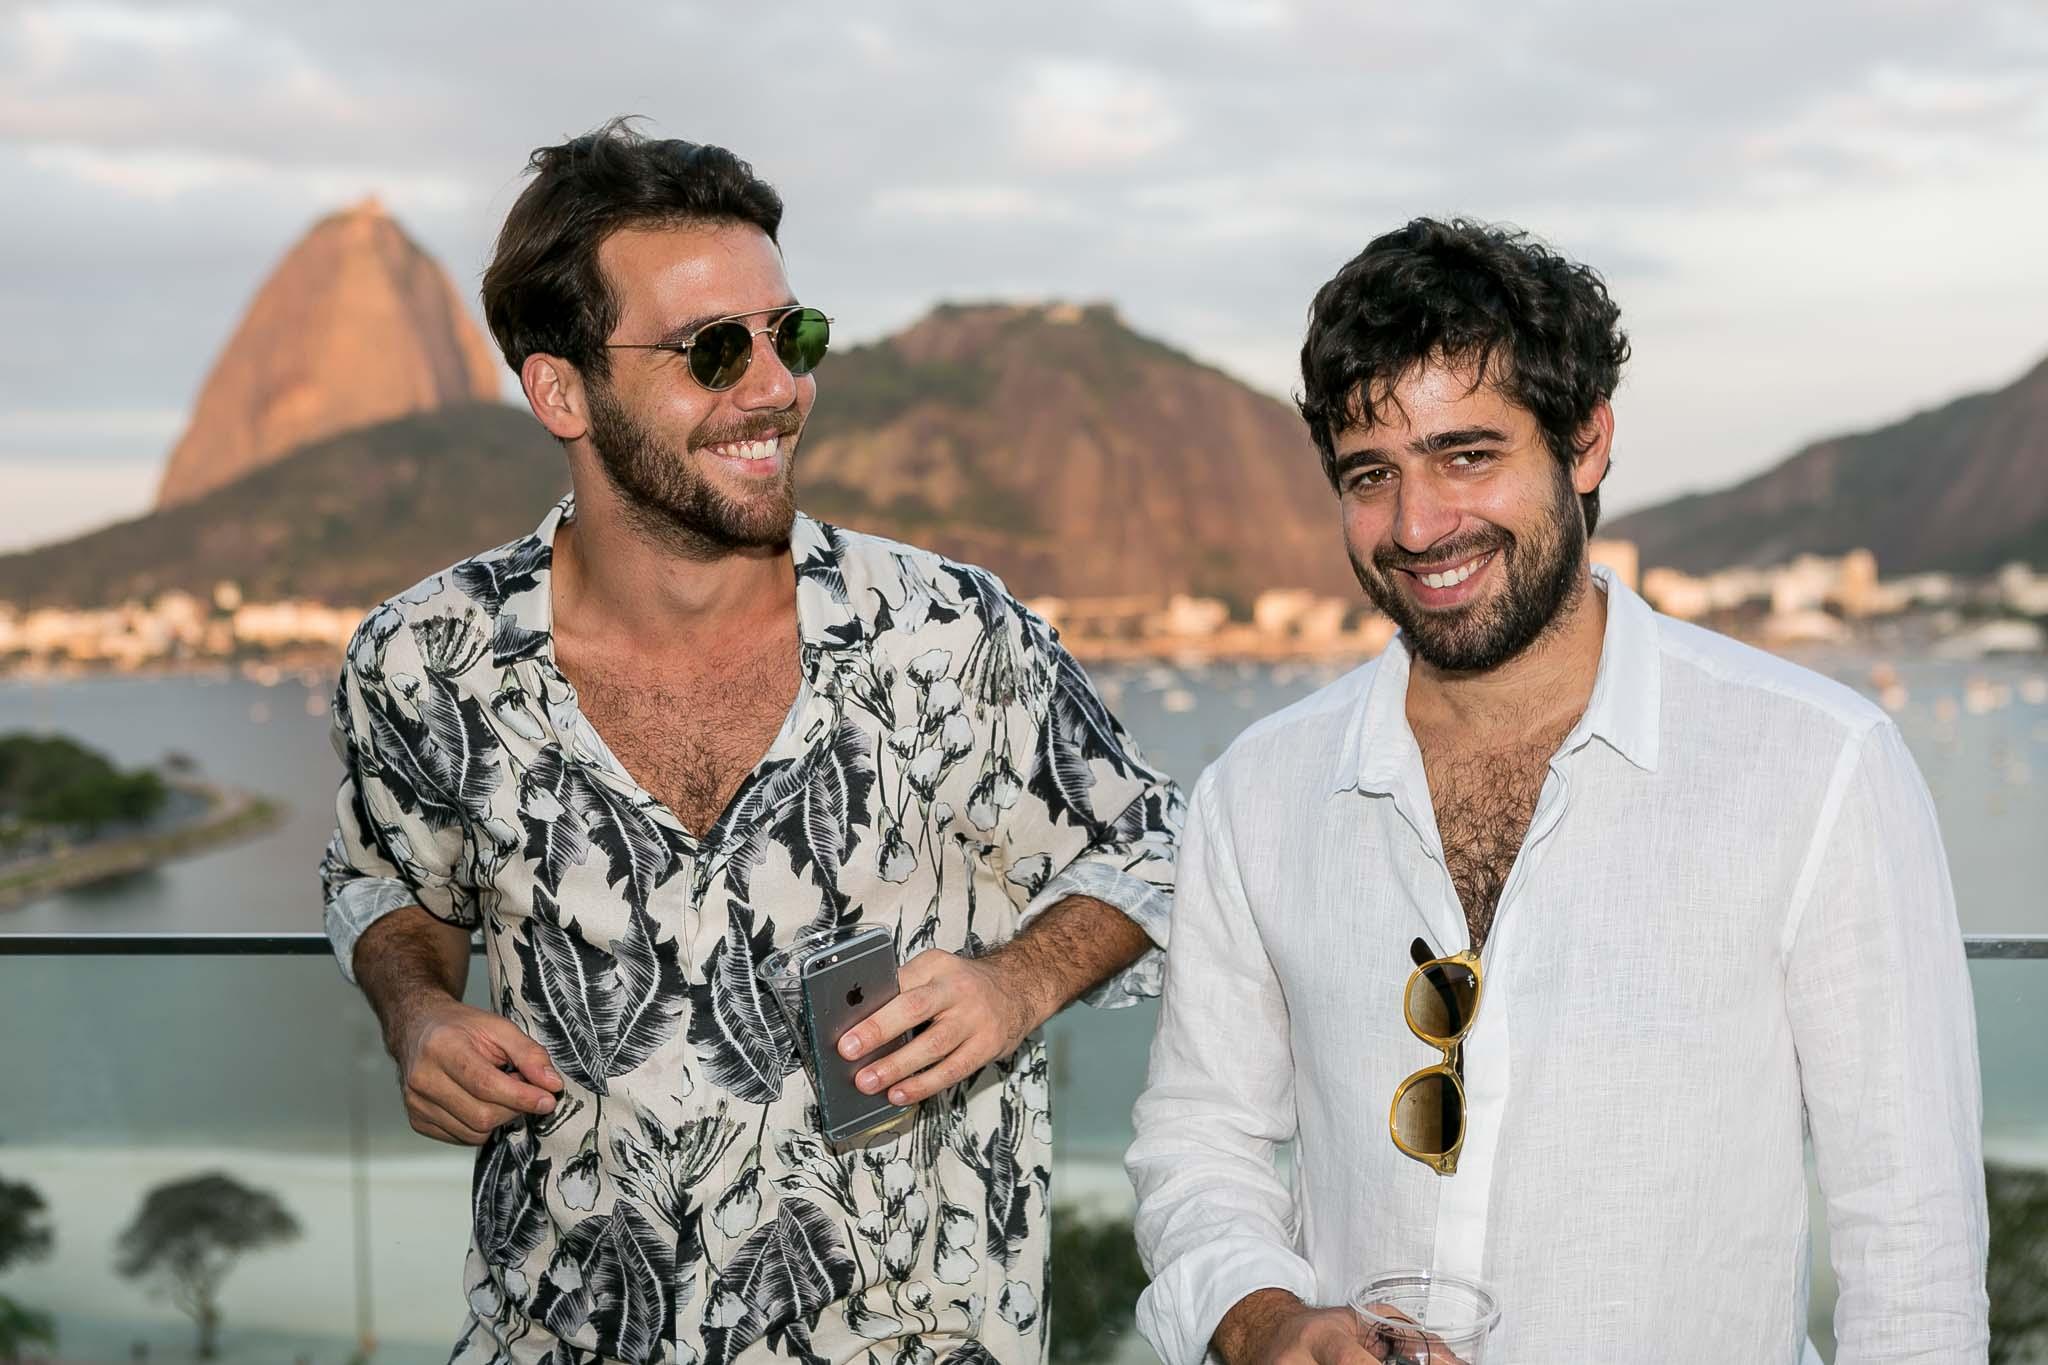 André Namitala e Pedro Loreto - Crédito: Bruno Ryfer/Divulgação